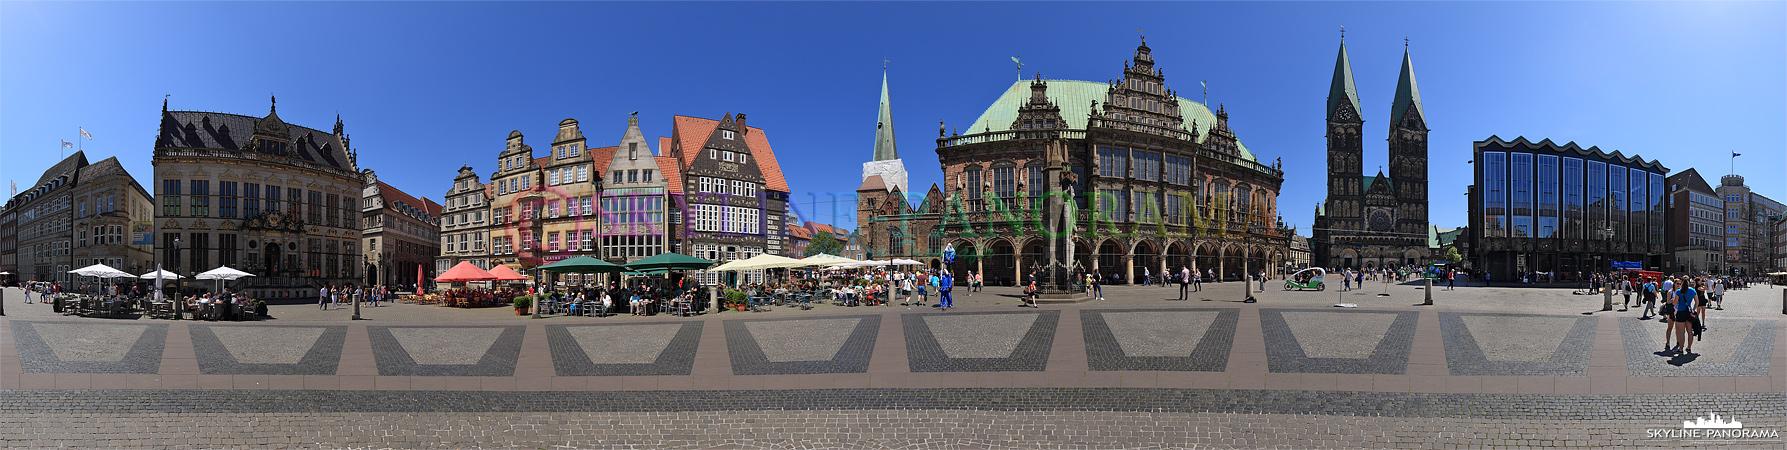 Sehenswürdigkeiten von Bremen - Dieses Panorama zeigt eine 360 Grad Ansicht des historischen Marktplatzes von Bremen.